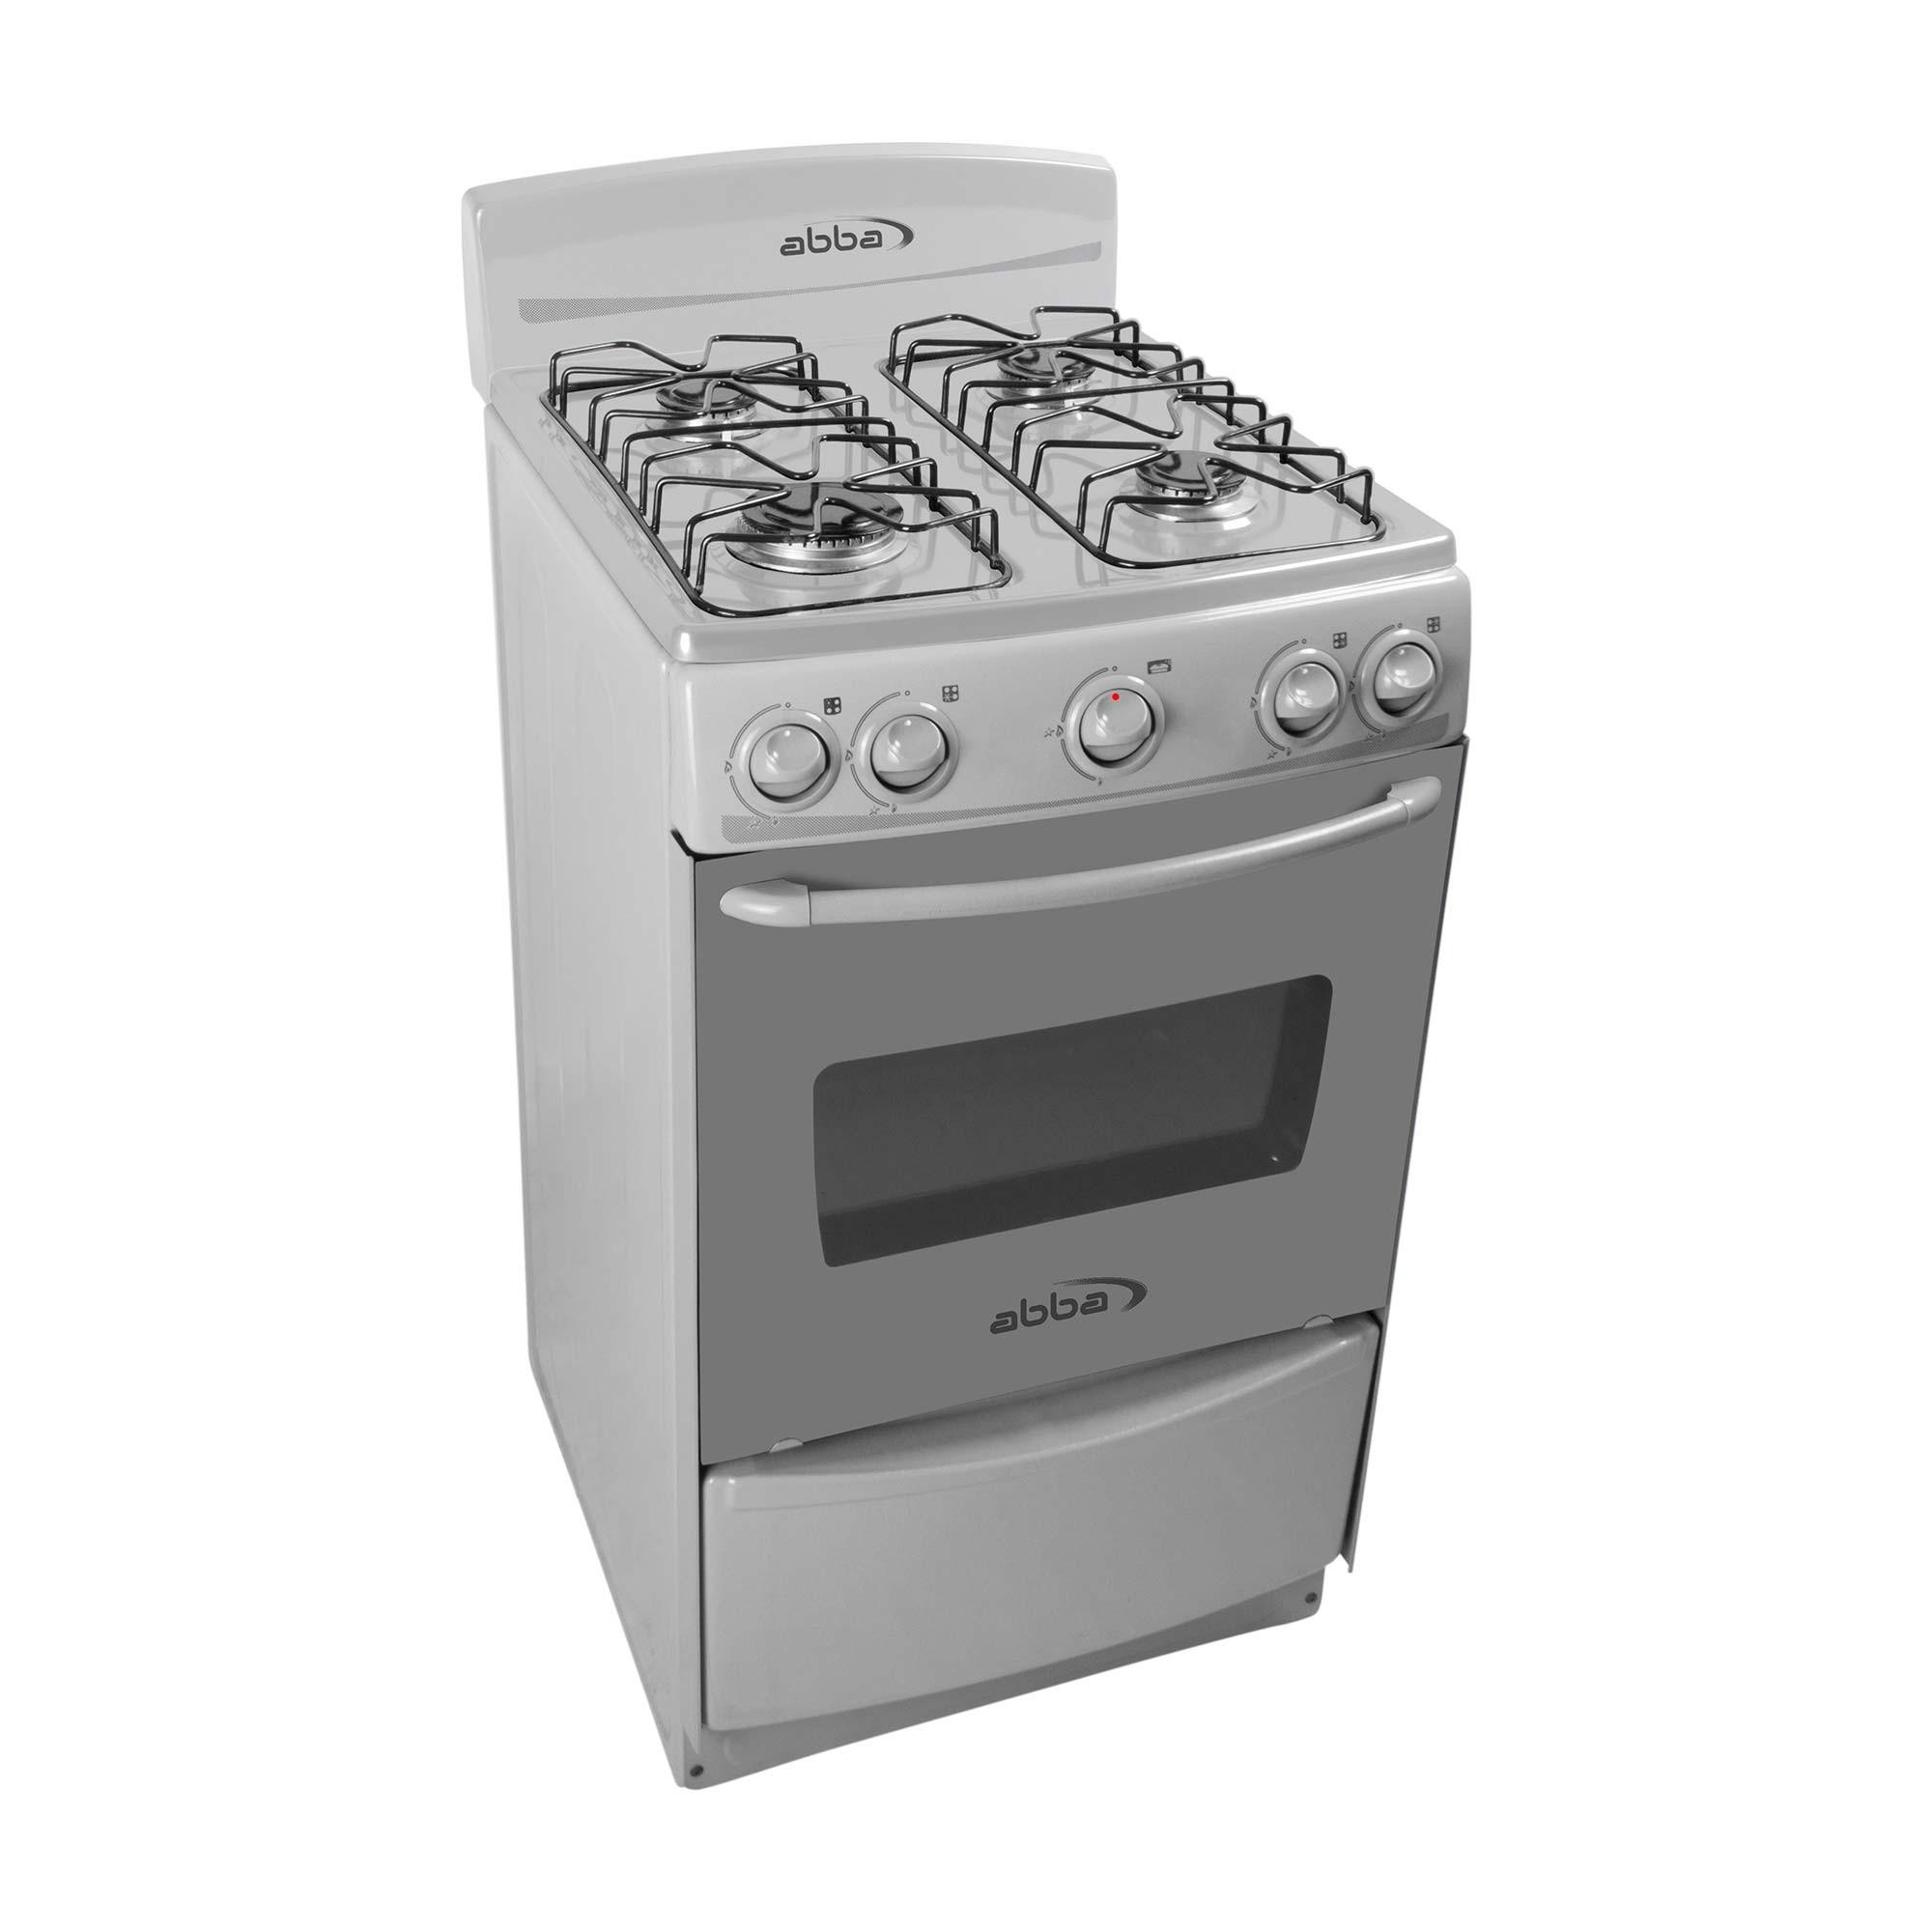 Estufa de piso abba ab101 1 th 50se gas propano alkosto - Estufas para pisos ...